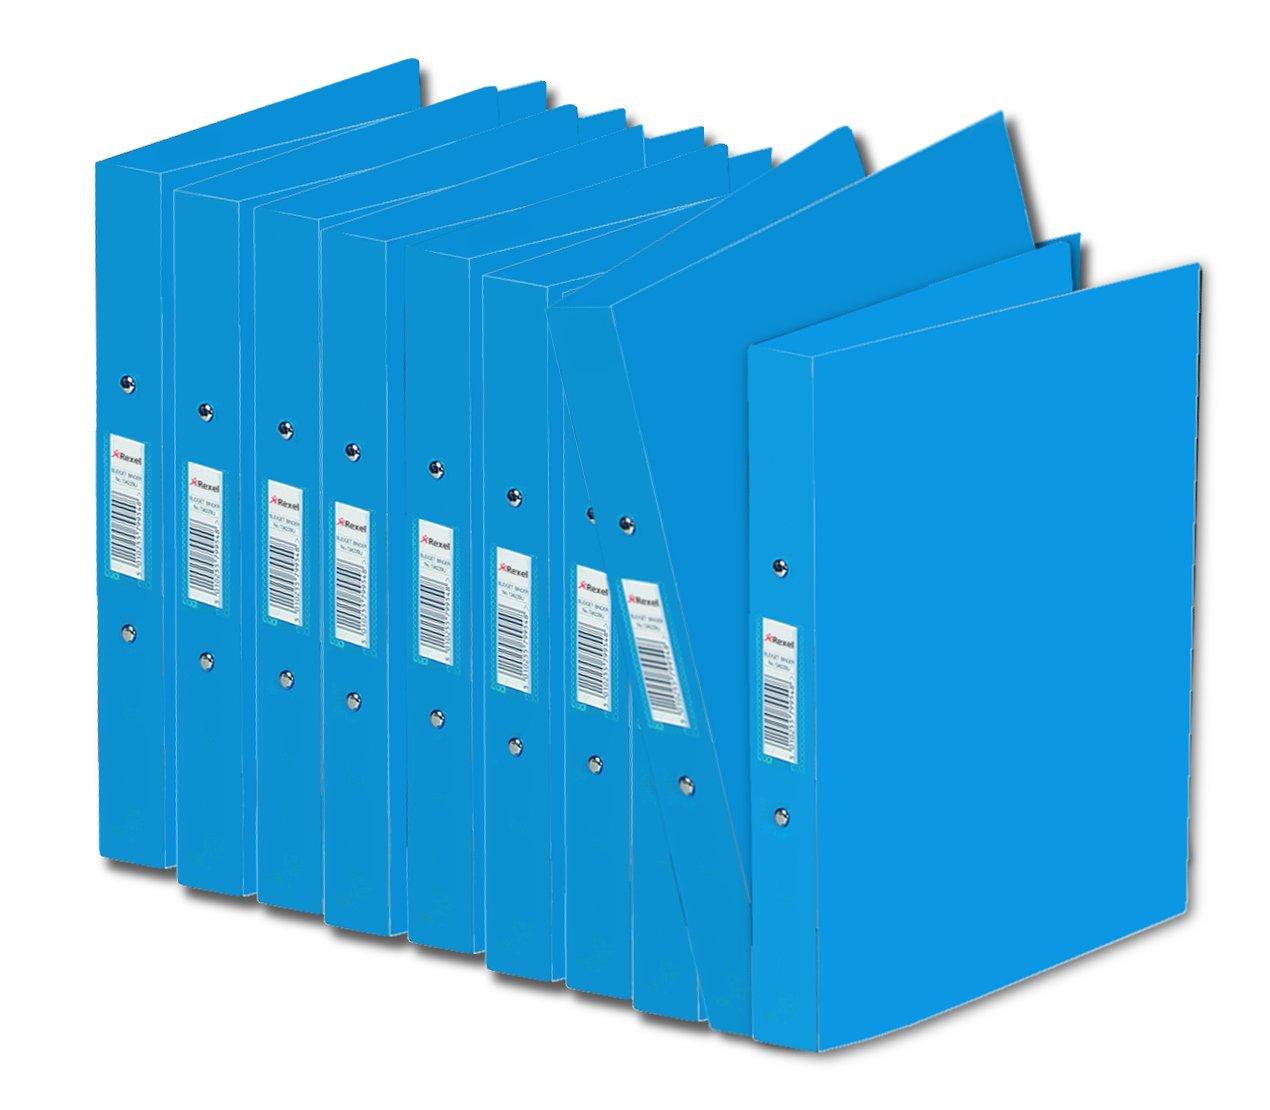 Rexel AZ13428BU - Carpeta de anillas A5, 10 unidades, azul: Amazon.es: Oficina y papelería